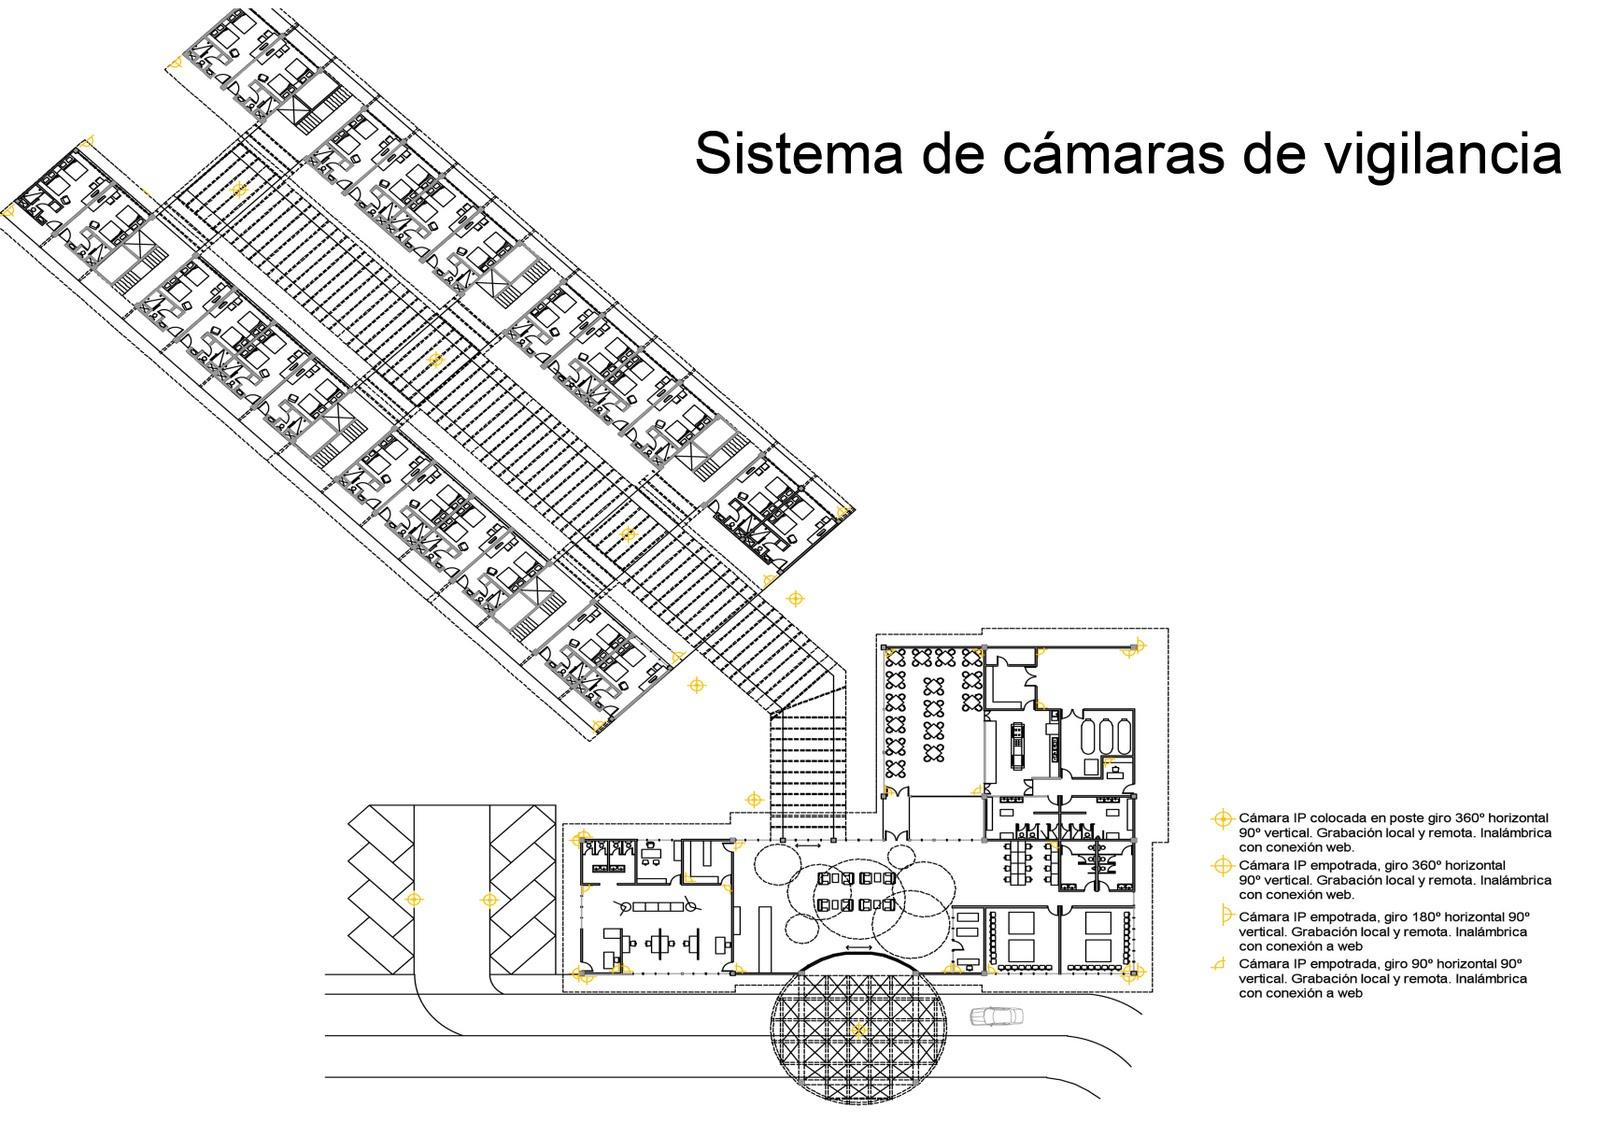 Instalaciones dos planos generales entrega instalaciones ii for Plano de cocina hotel 5 estrellas